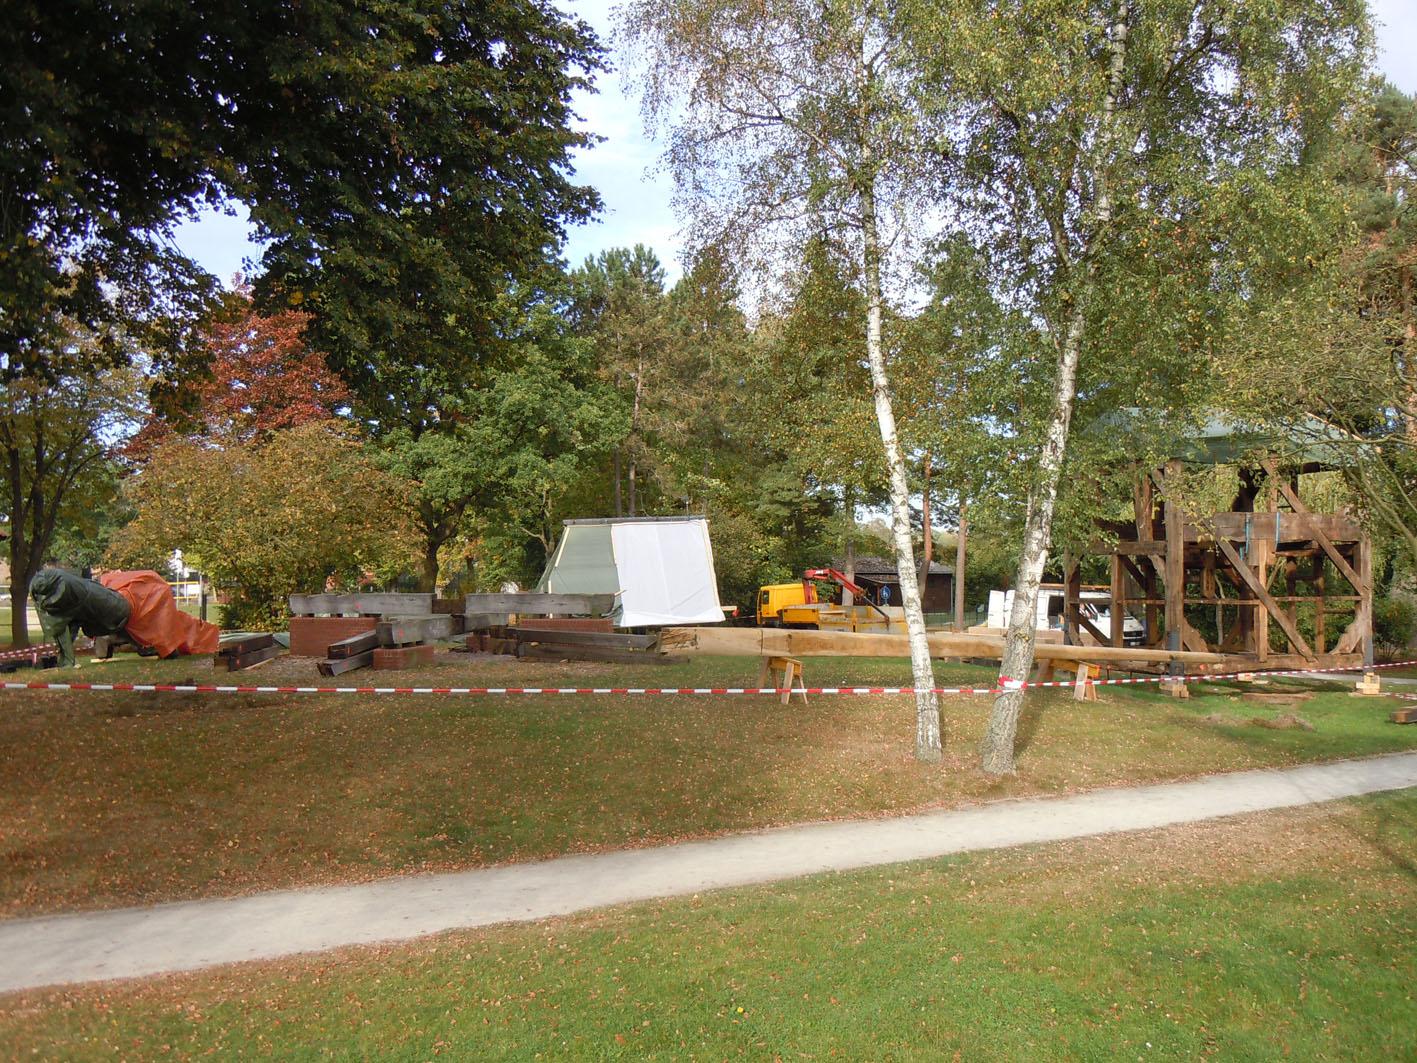 Bockwindmühle als Baukasten / Foto Margret Dannemann-Jarchow